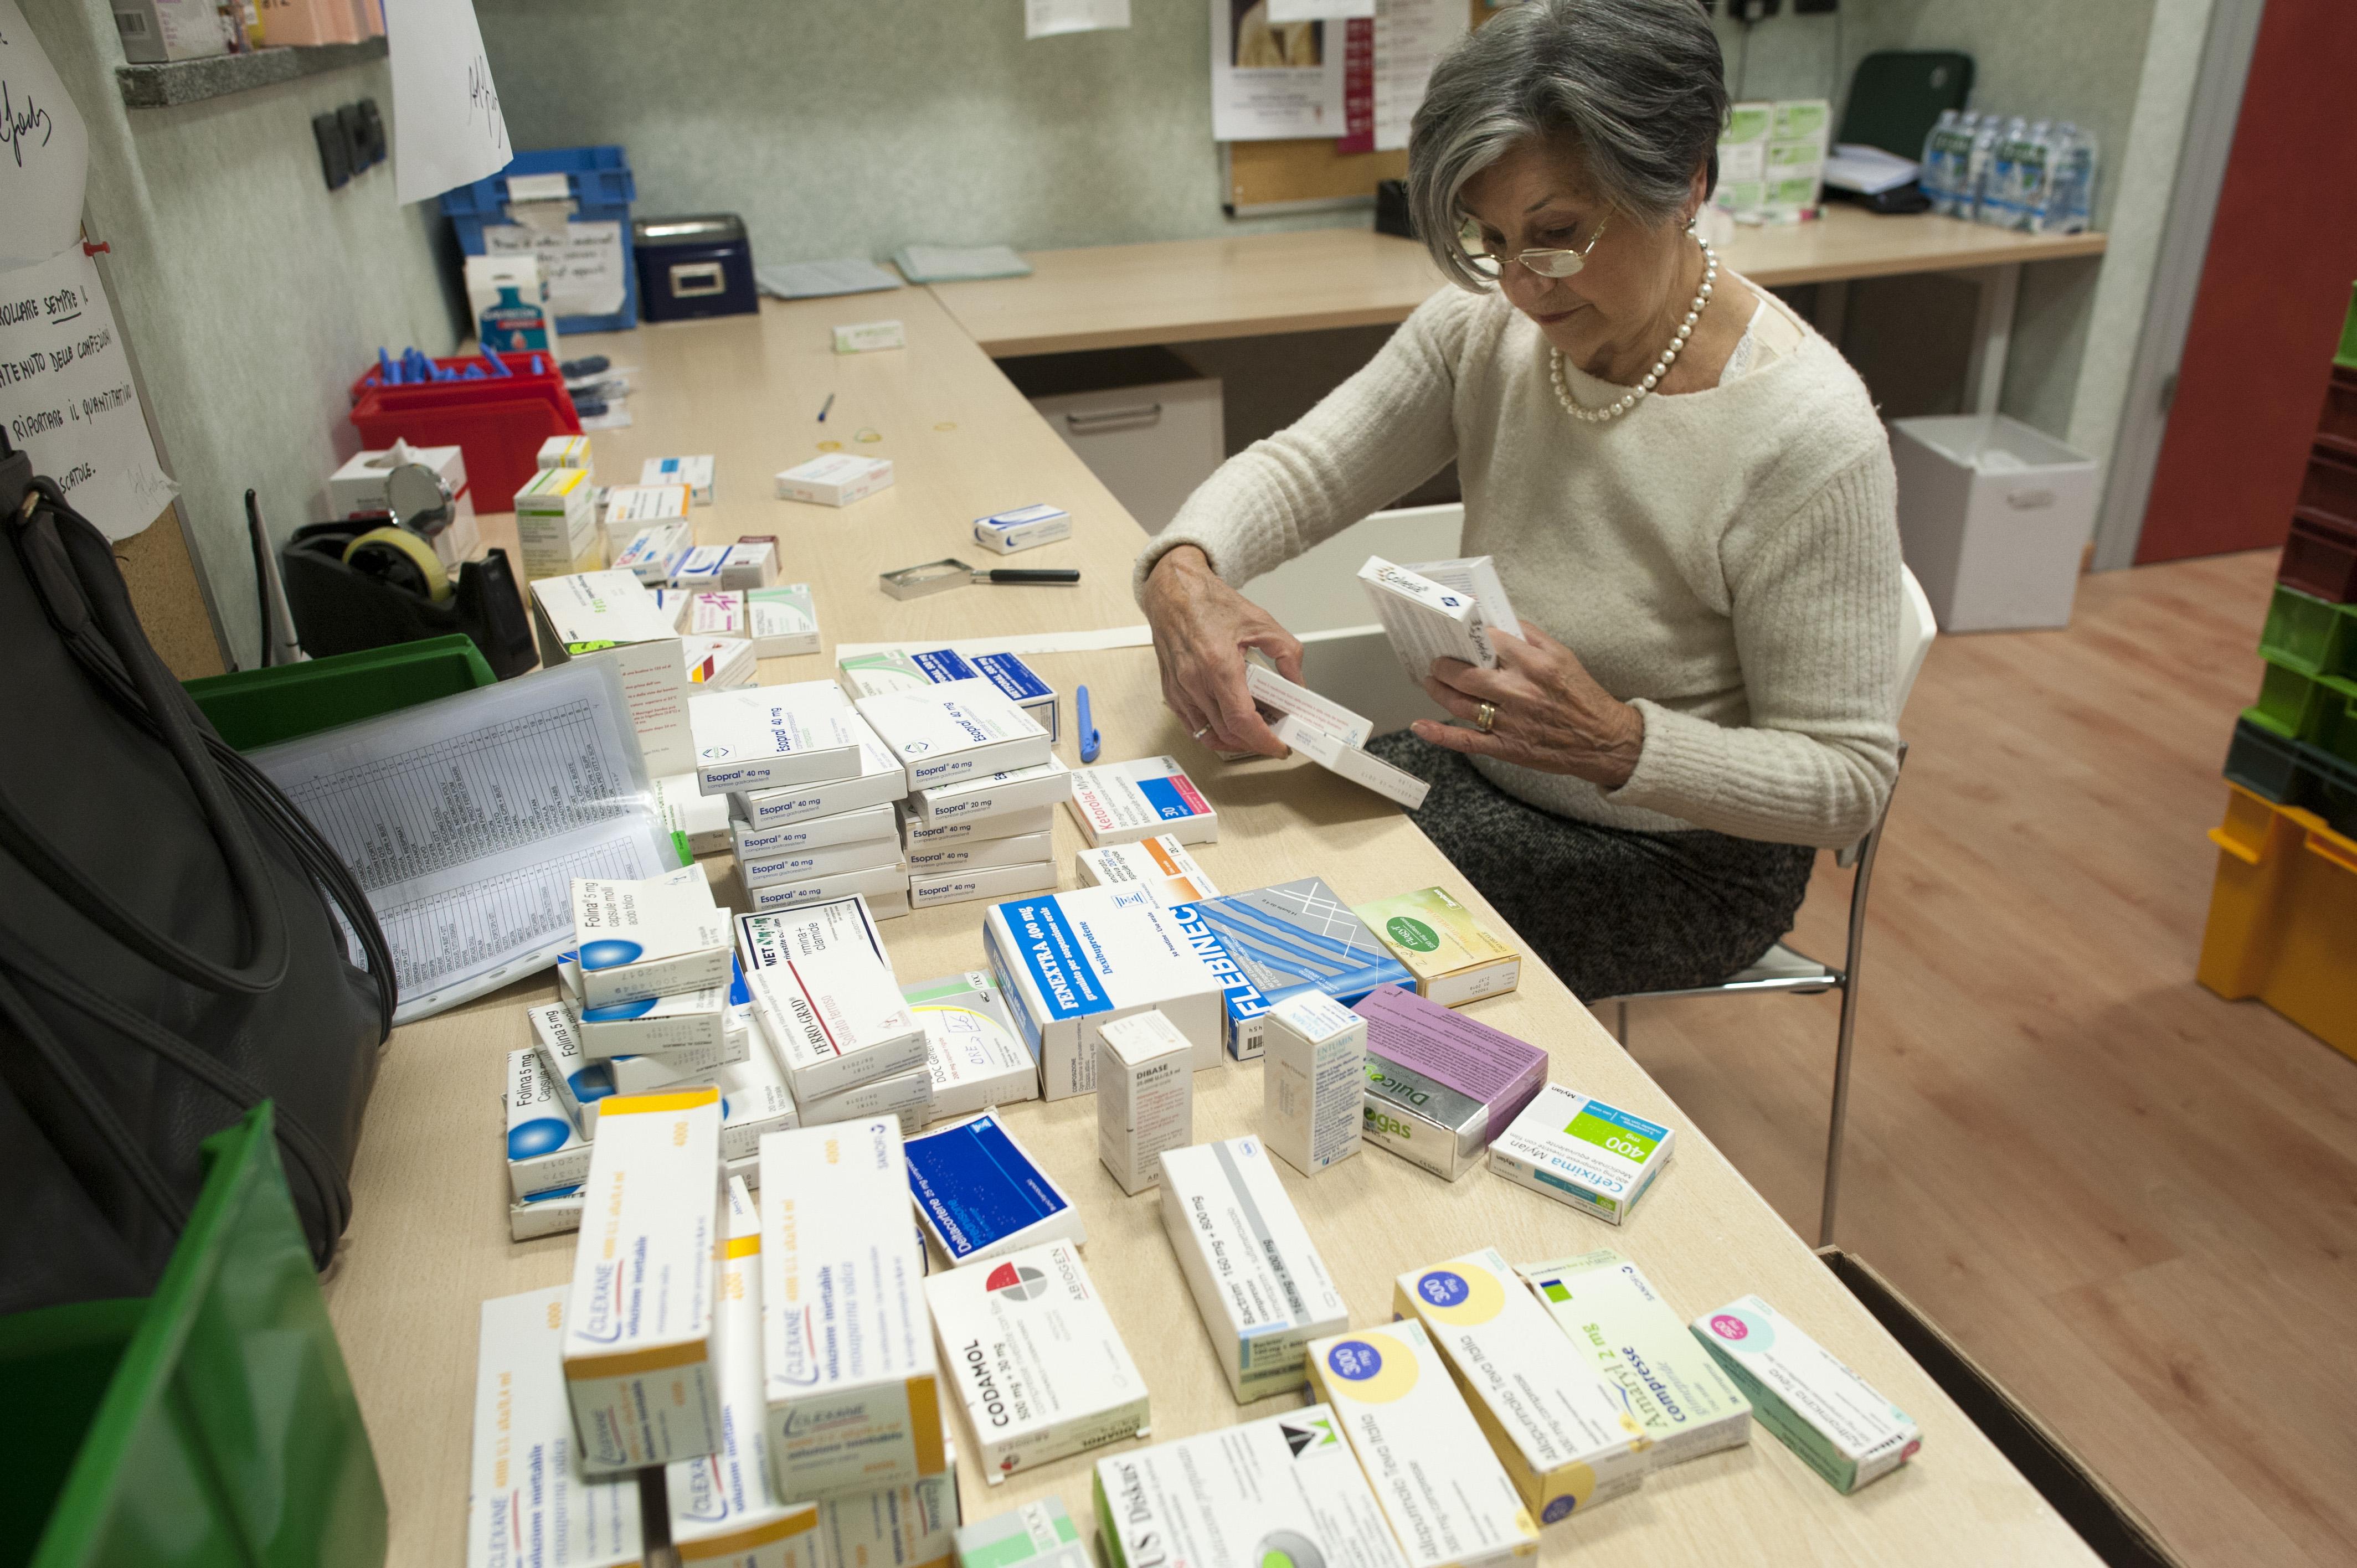 Sportello distribuzione farmaci